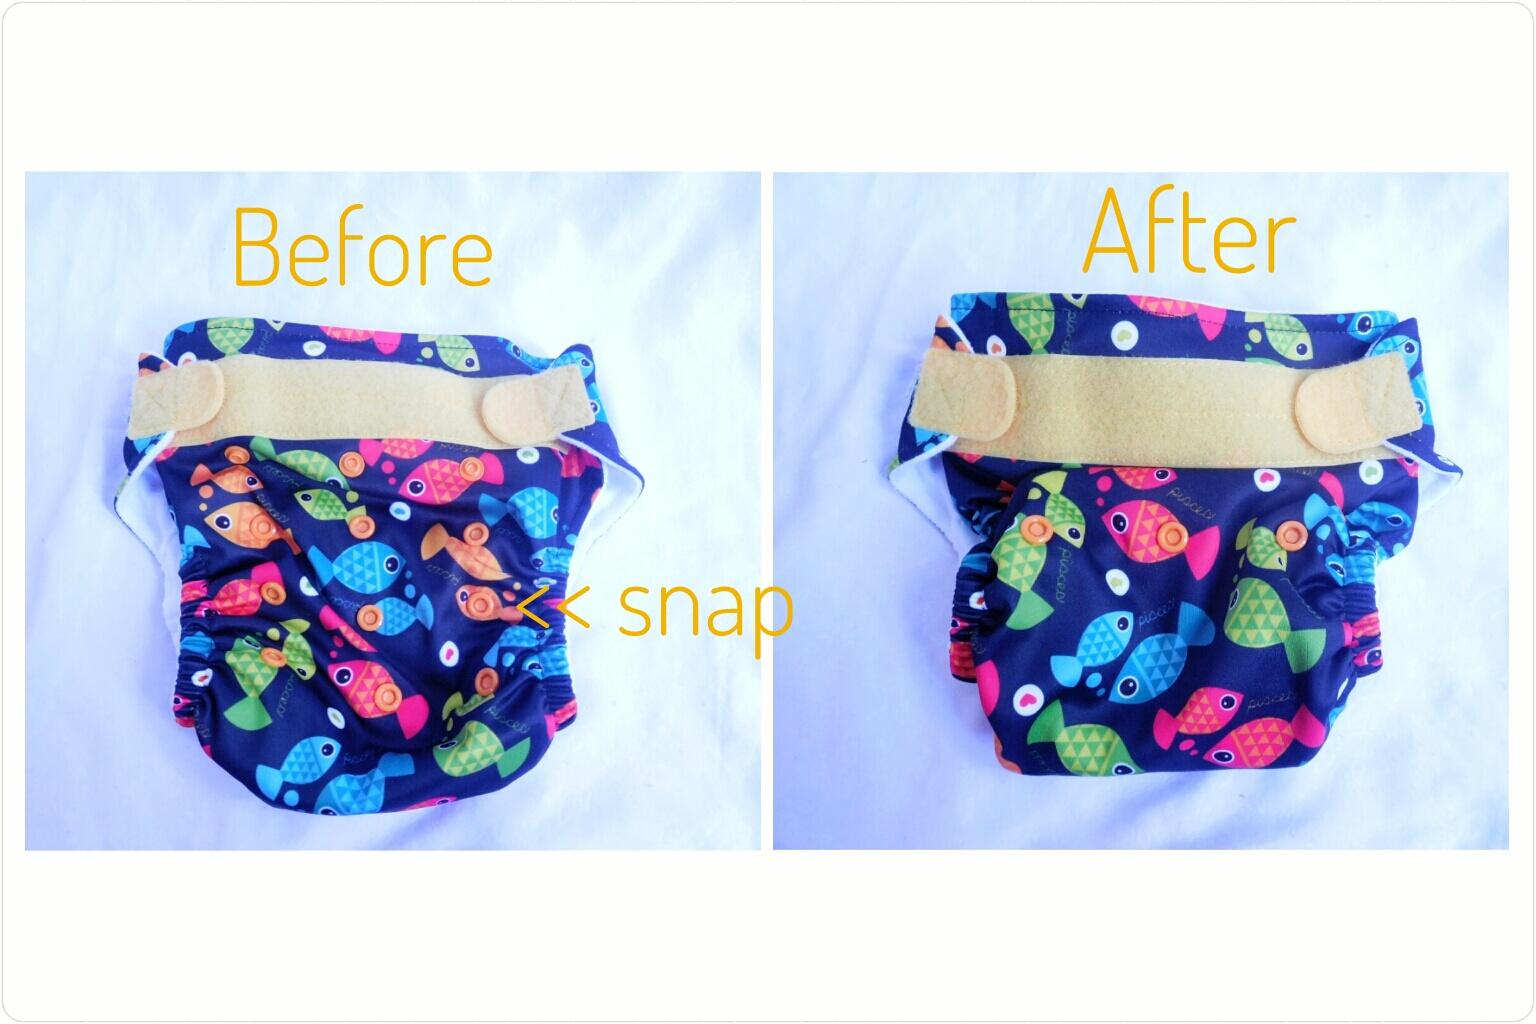 Little Hippo Cloth Diaper Clodi Lokal Murah Dan Berkualitas Popok Kain Photogrid 1486541280644 01jpeg